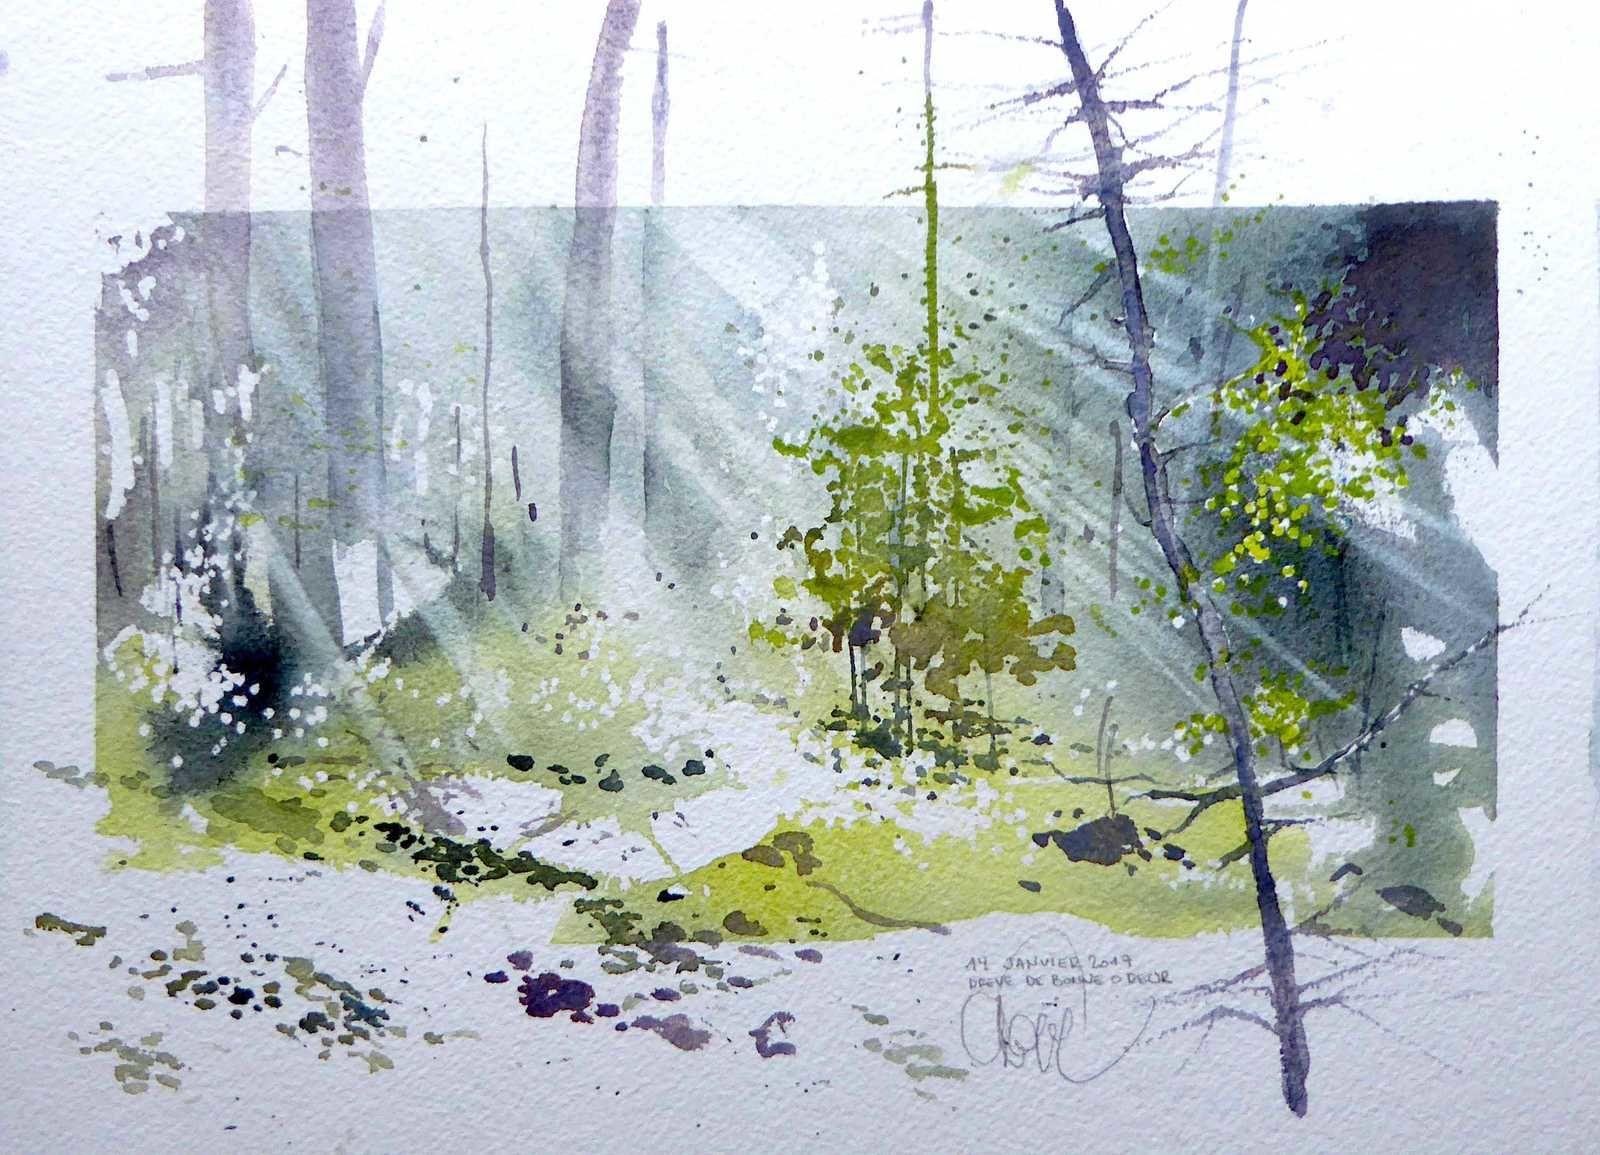 aquarelles blockx sur papier arches 640 gr/m2, grain fin, 36 cm x 26 cm